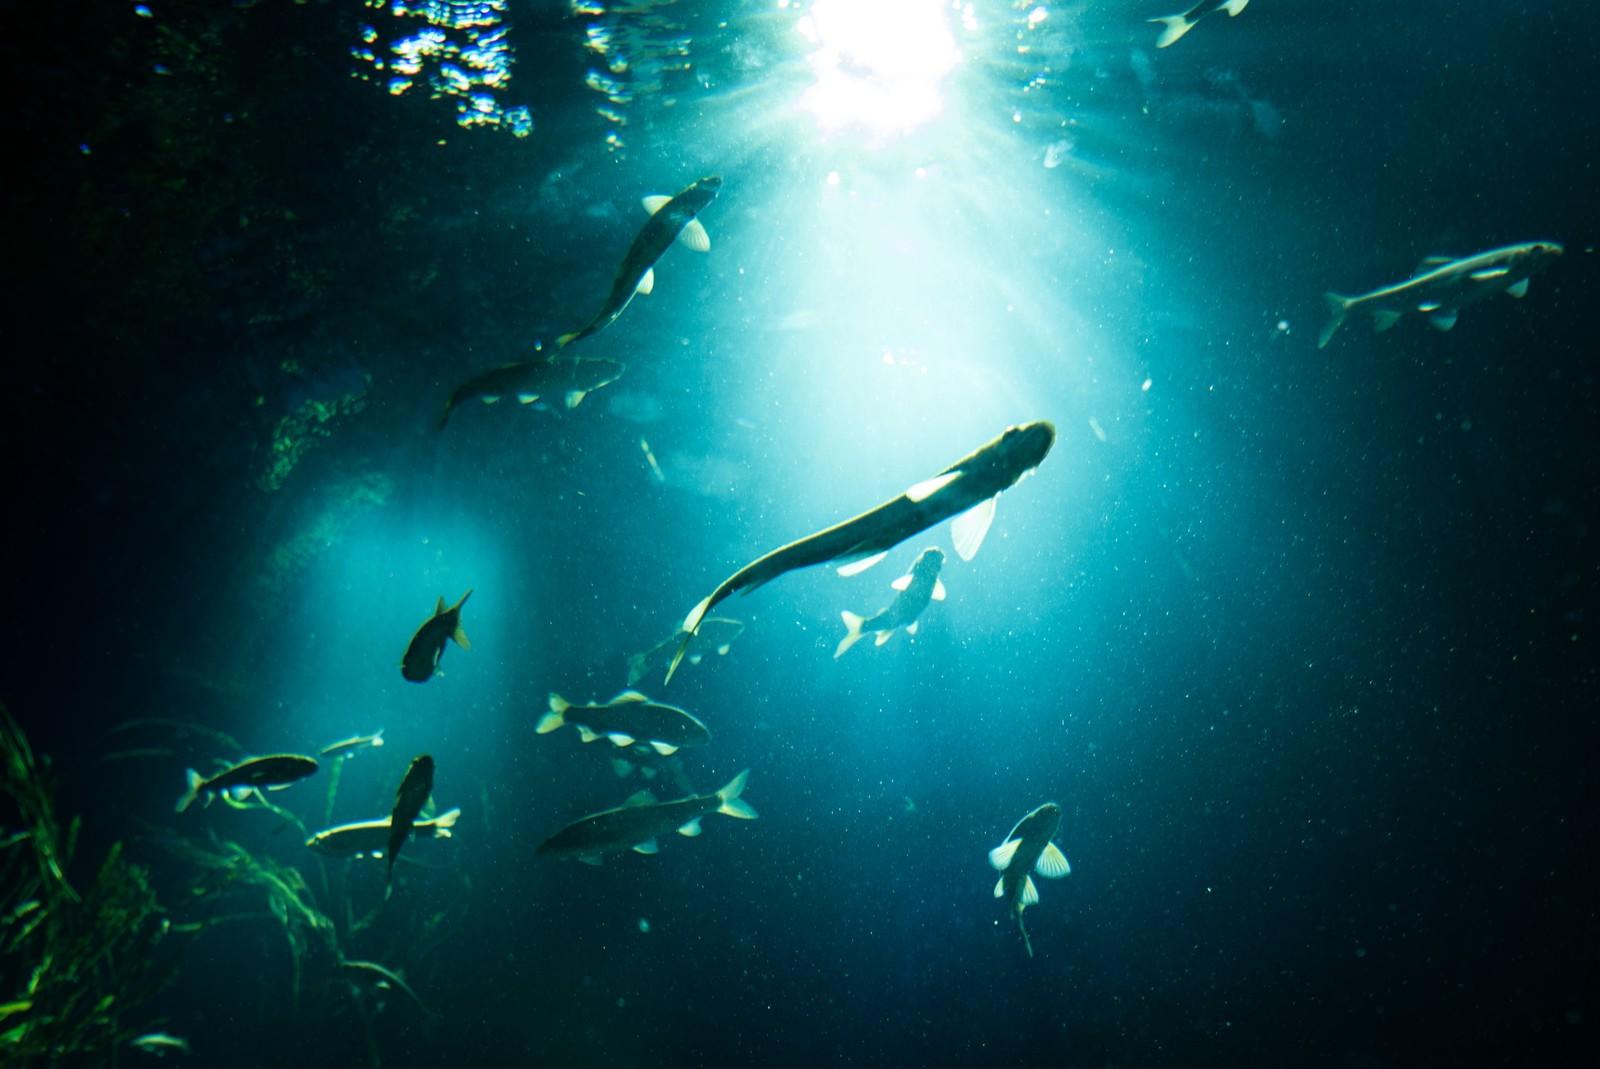 「日の光と魚のシルエット」の写真